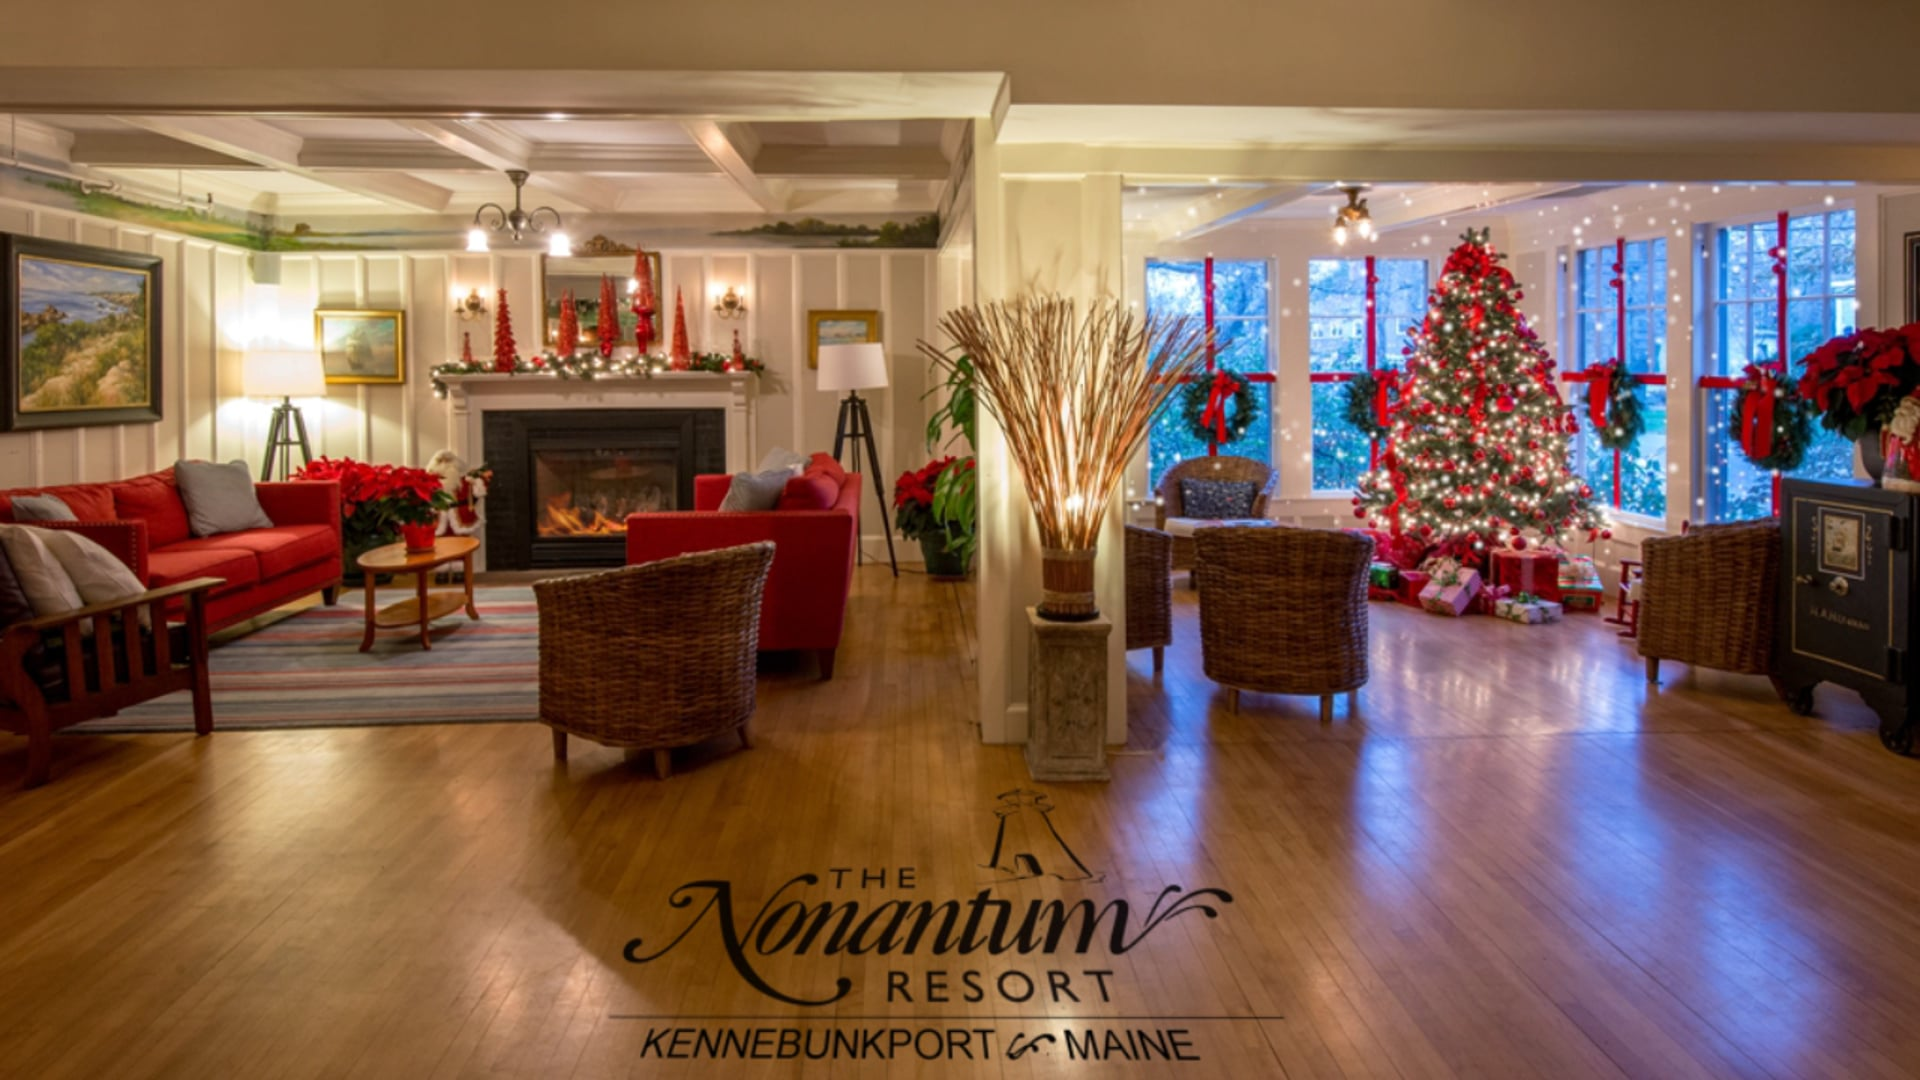 Facebook Ad - Nonantum Resort Dinner - Snow Room teaser